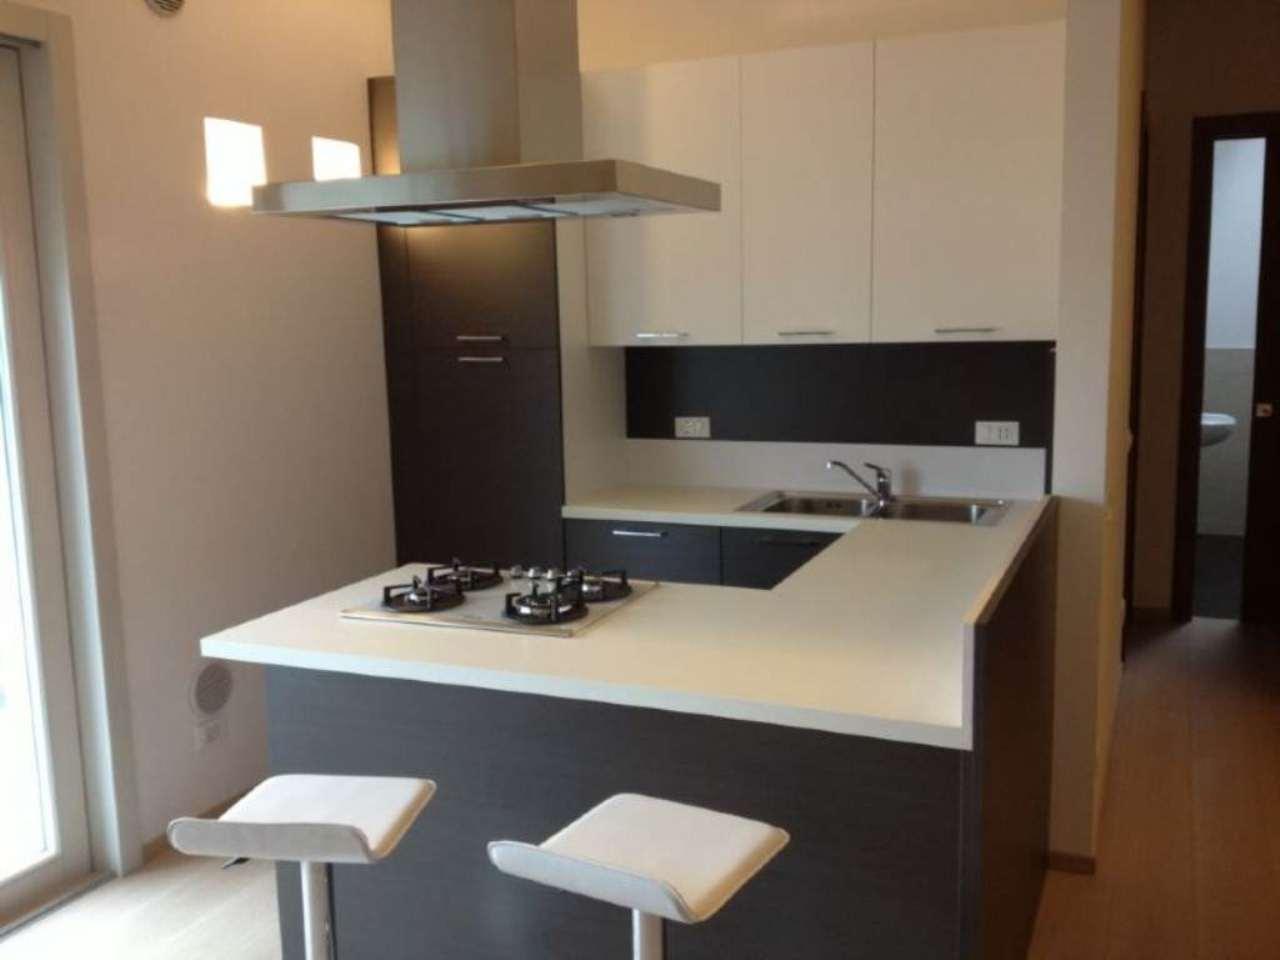 Appartamento in affitto a Maserada sul Piave, 3 locali, prezzo € 650 | Cambio Casa.it